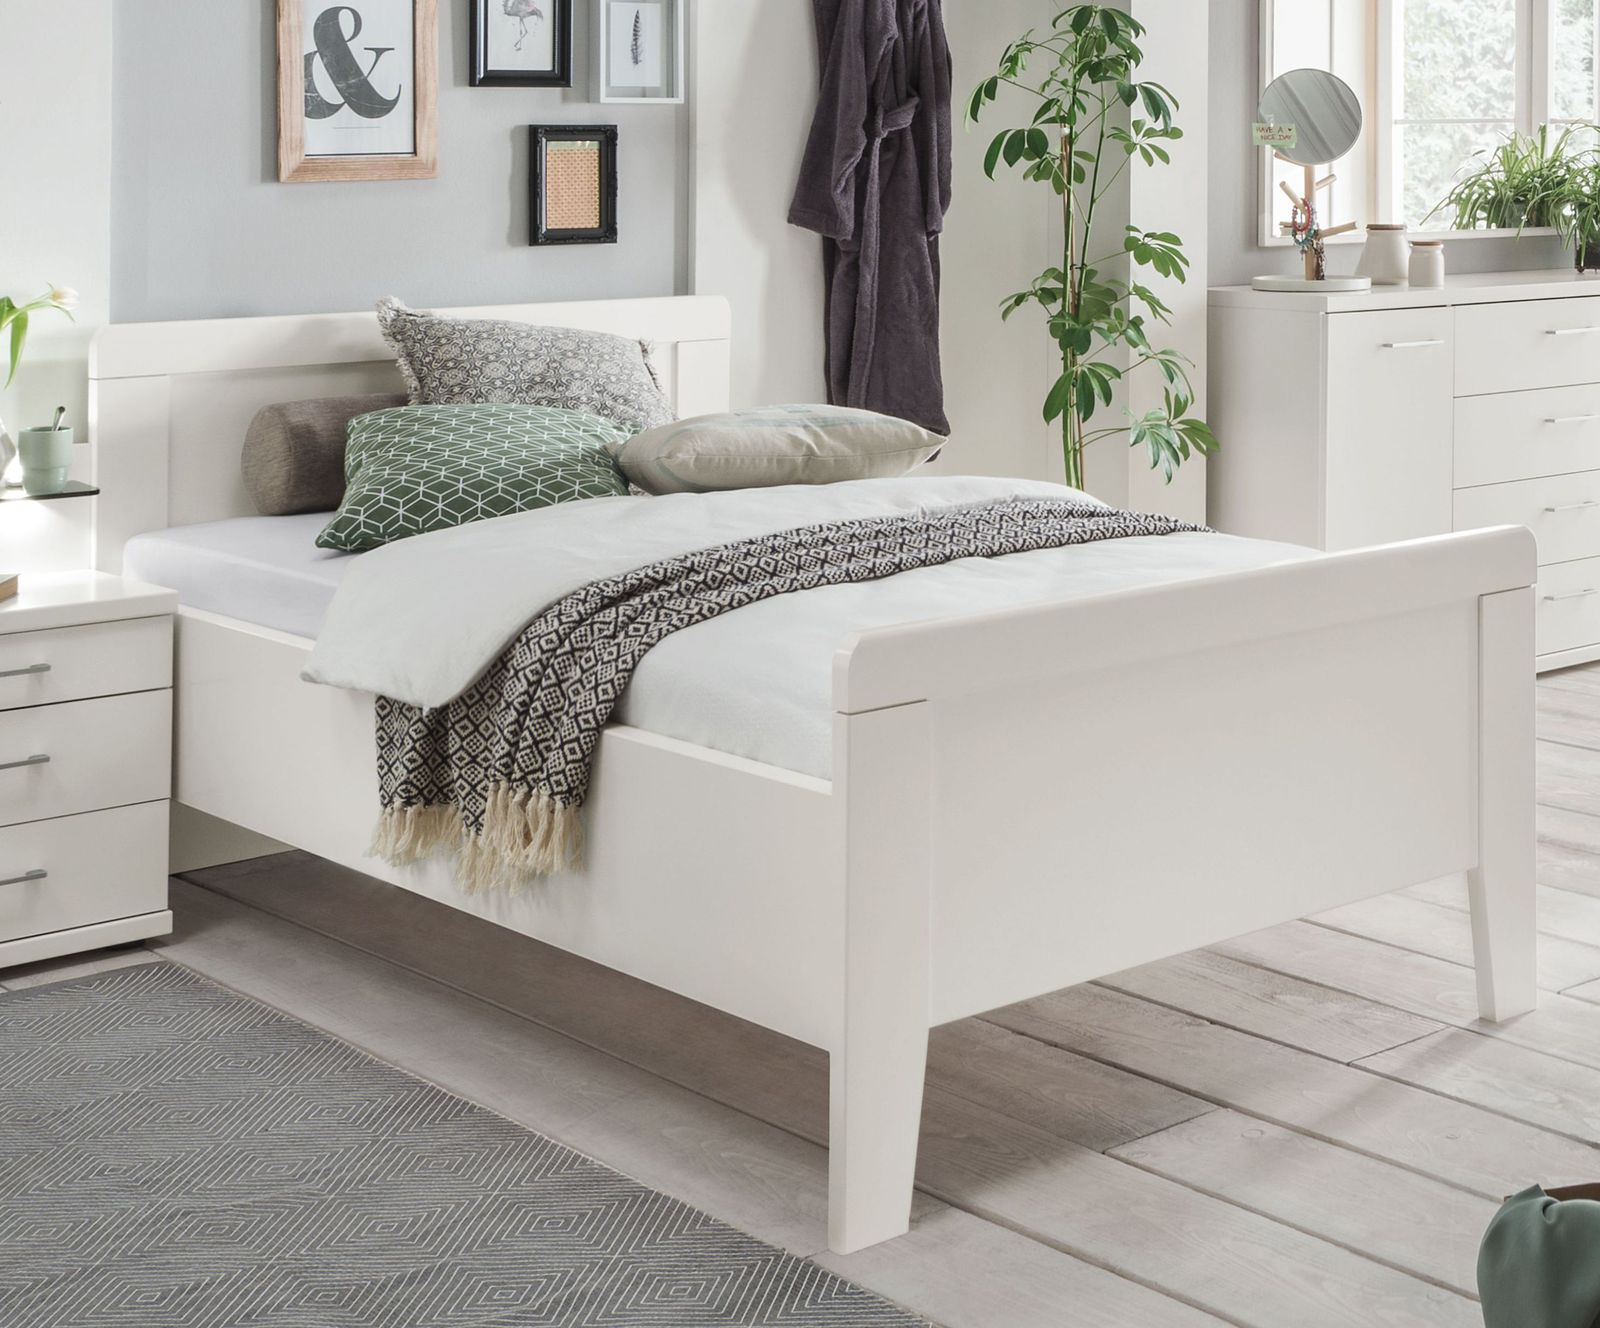 preiswertes seniorenbett in wei mit hohem fu teil calimera. Black Bedroom Furniture Sets. Home Design Ideas